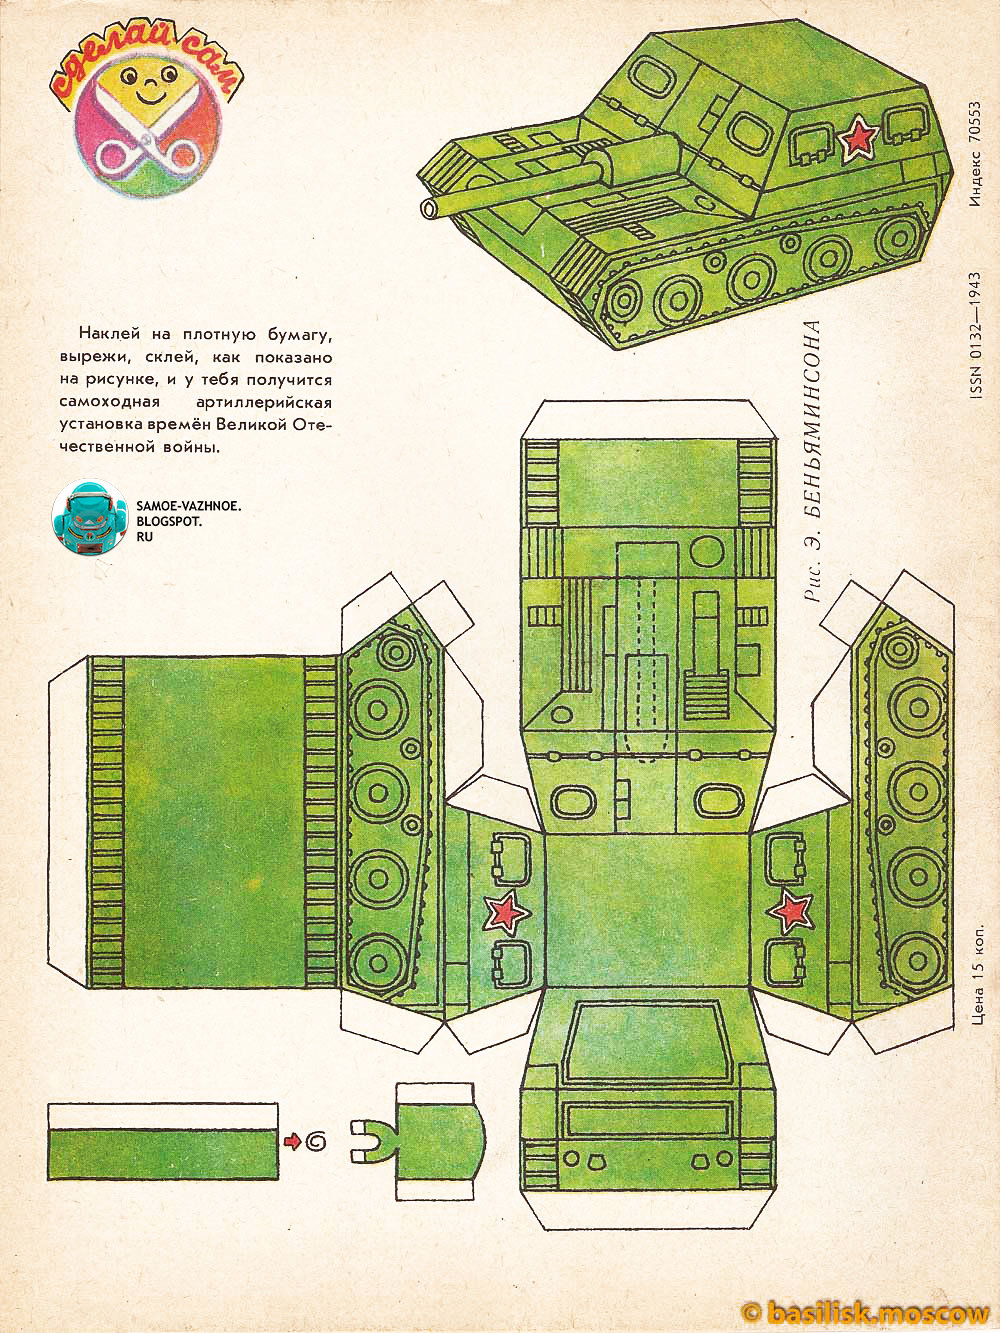 Исторические сведения, картинки из бумаги танки